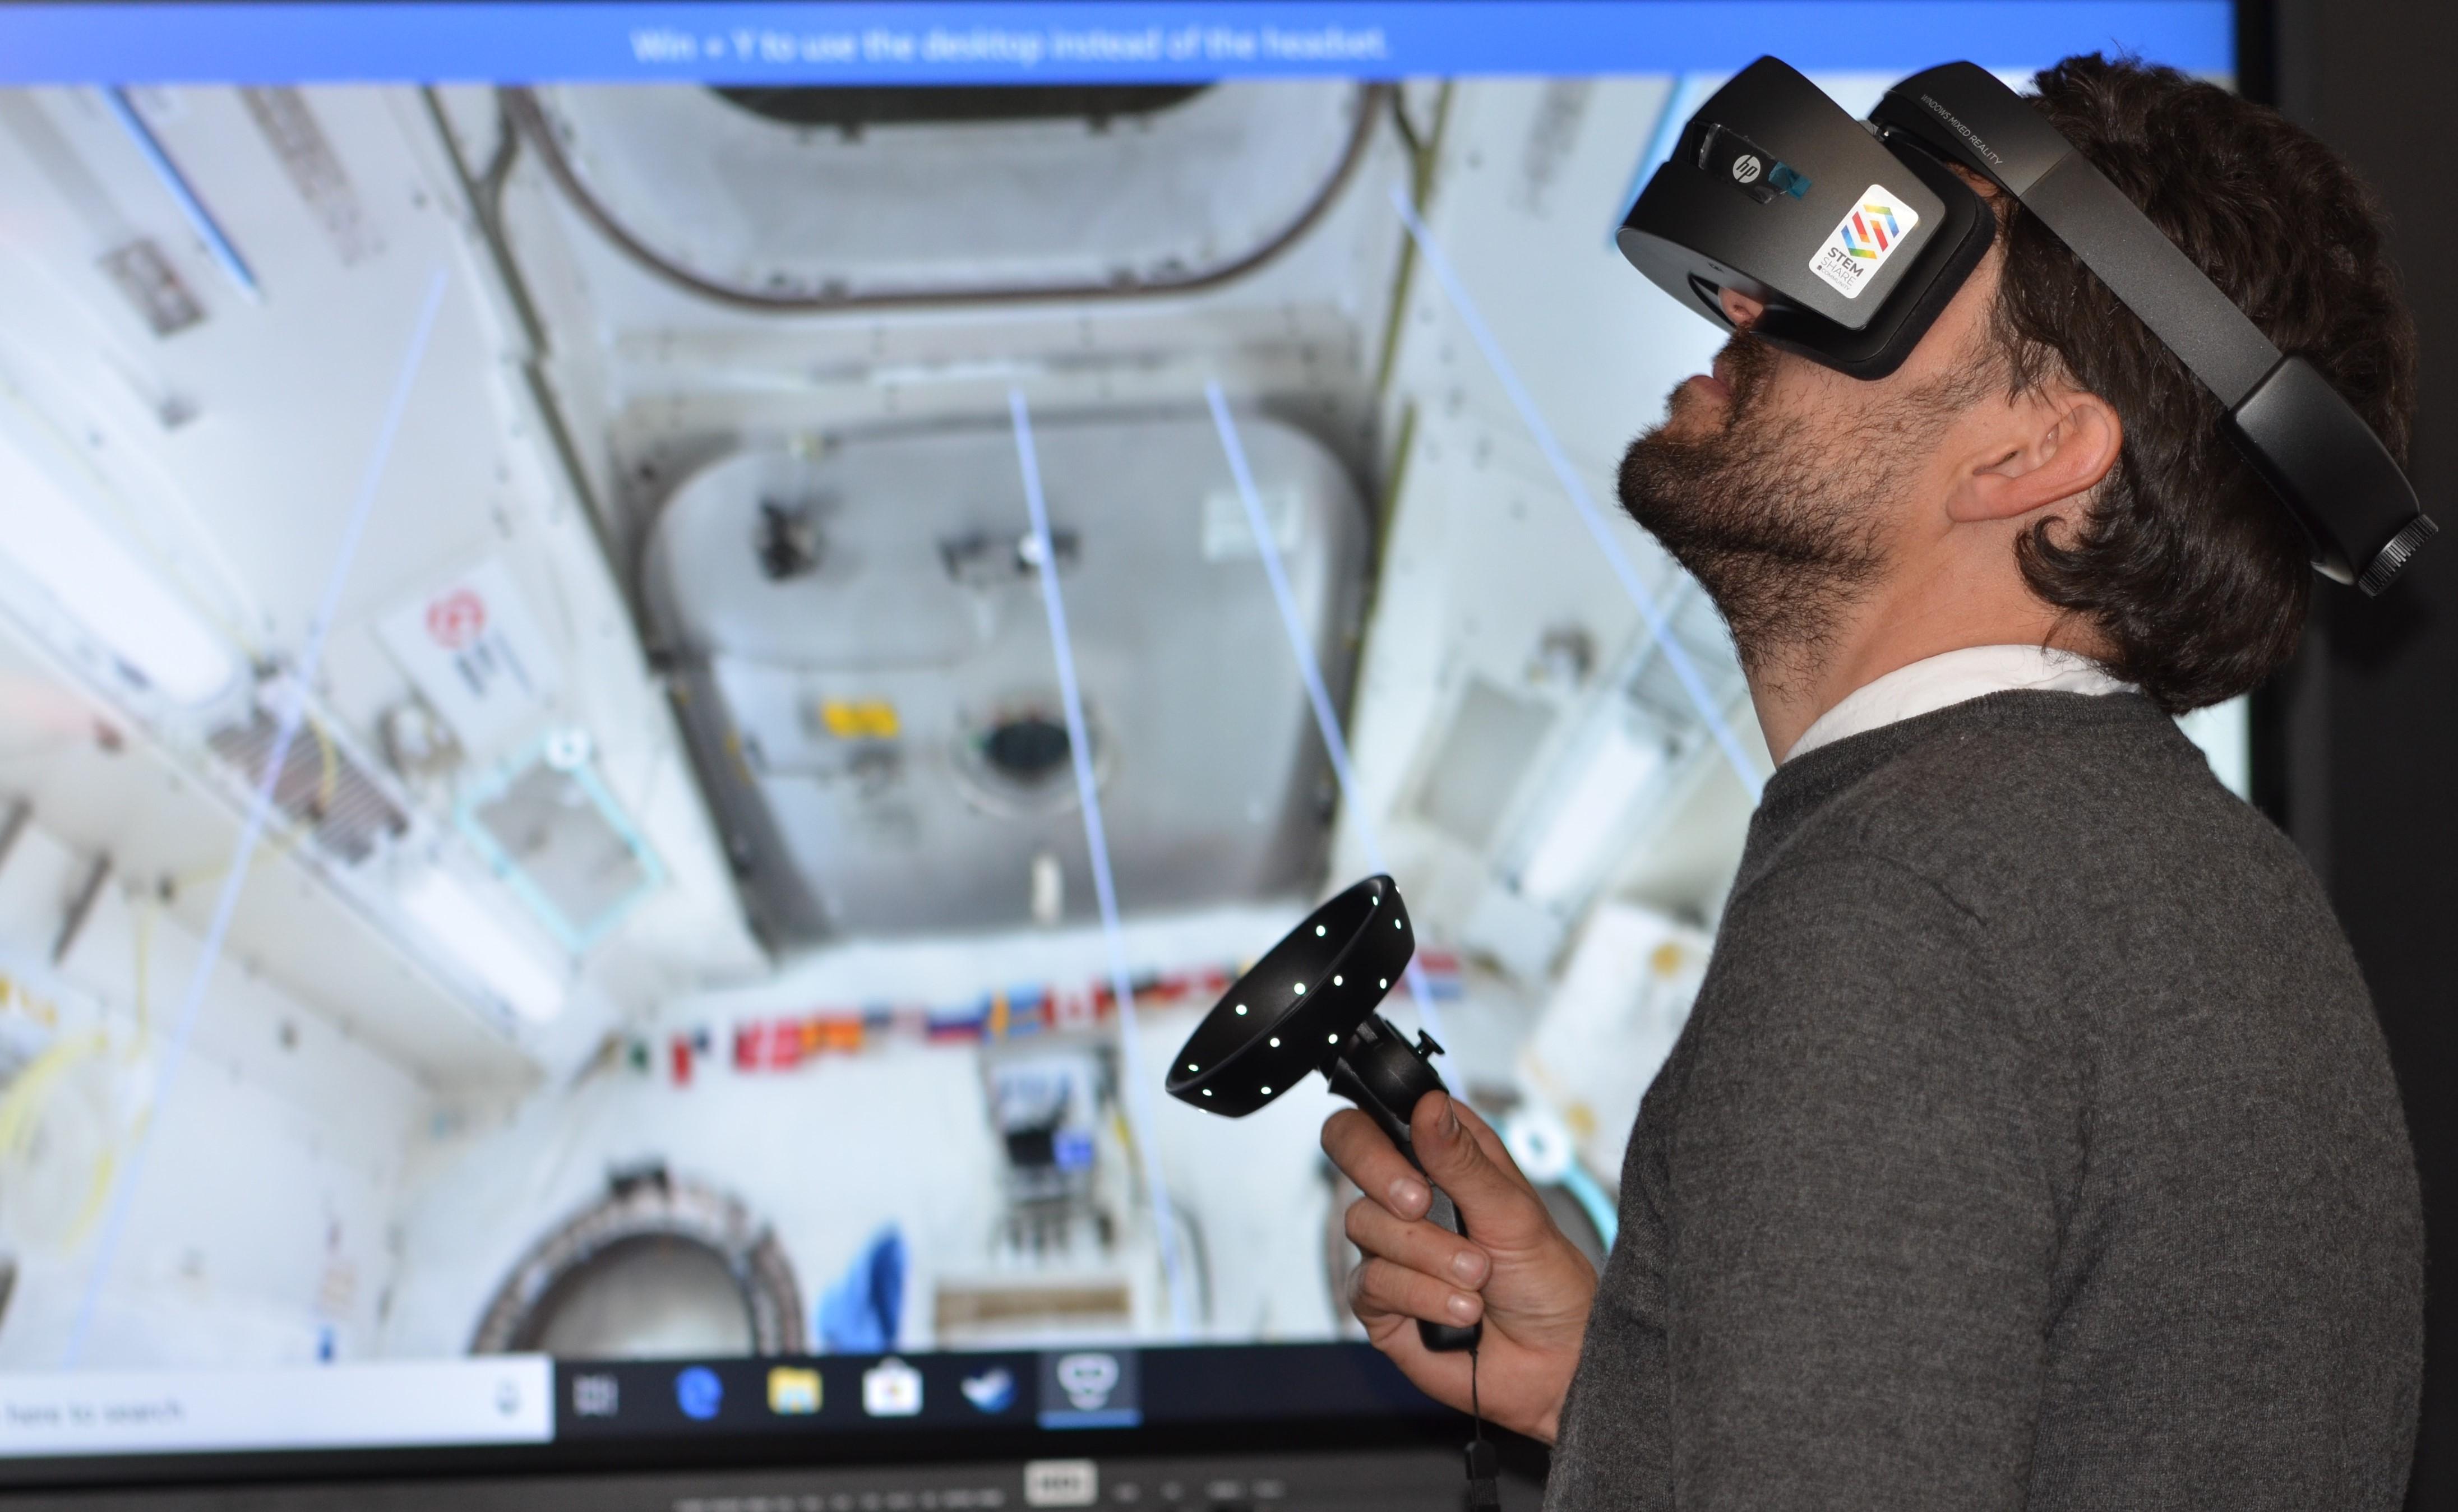 Voiko virtuaalitodellisuudessa oppia?